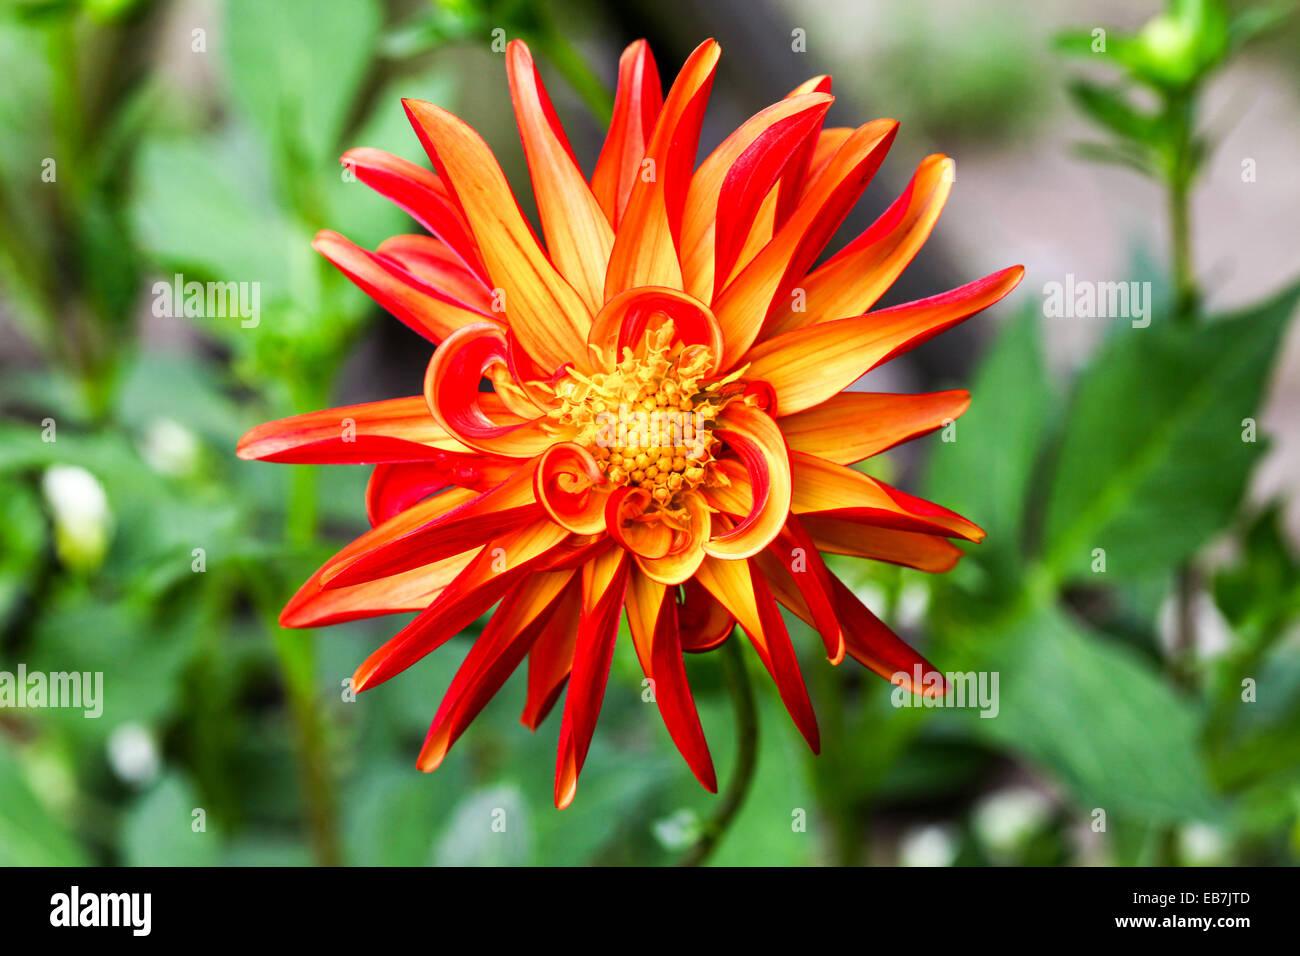 Dahlia flower stock photos dahlia flower stock images alamy the orange petals of a jescot julie dahlia flower stock image izmirmasajfo